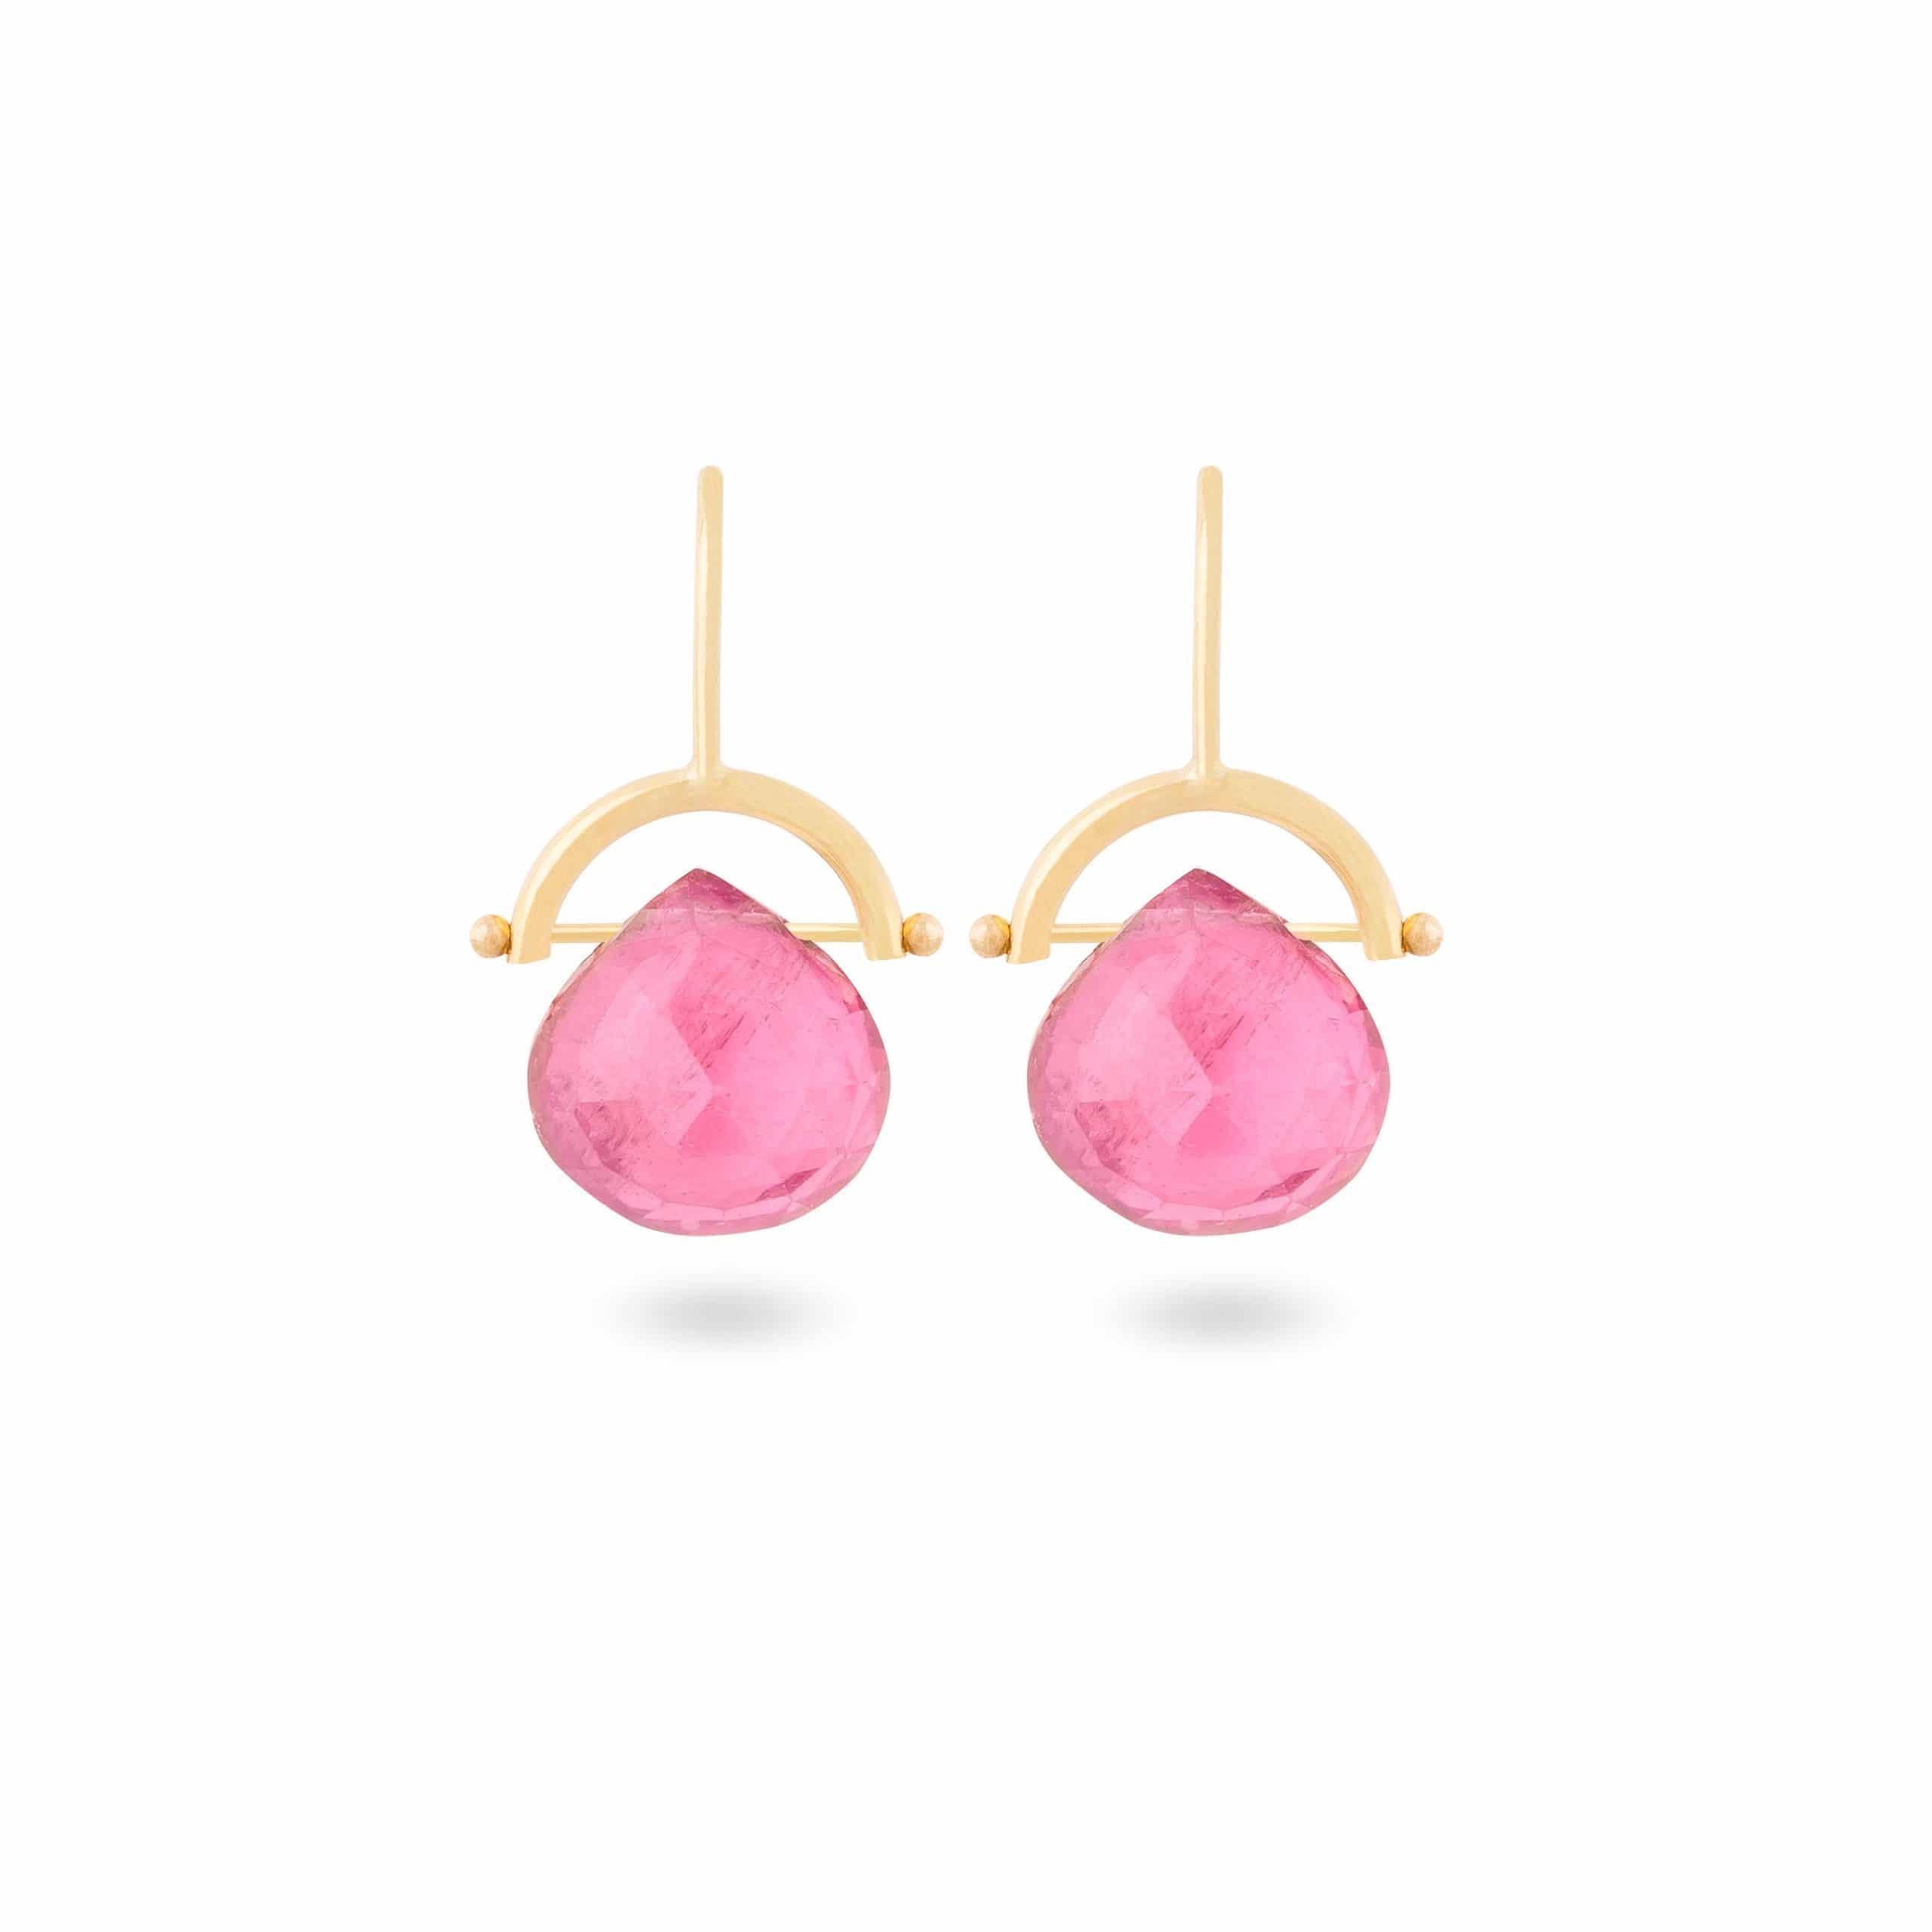 Boucles d'oreilles tourmalines roses